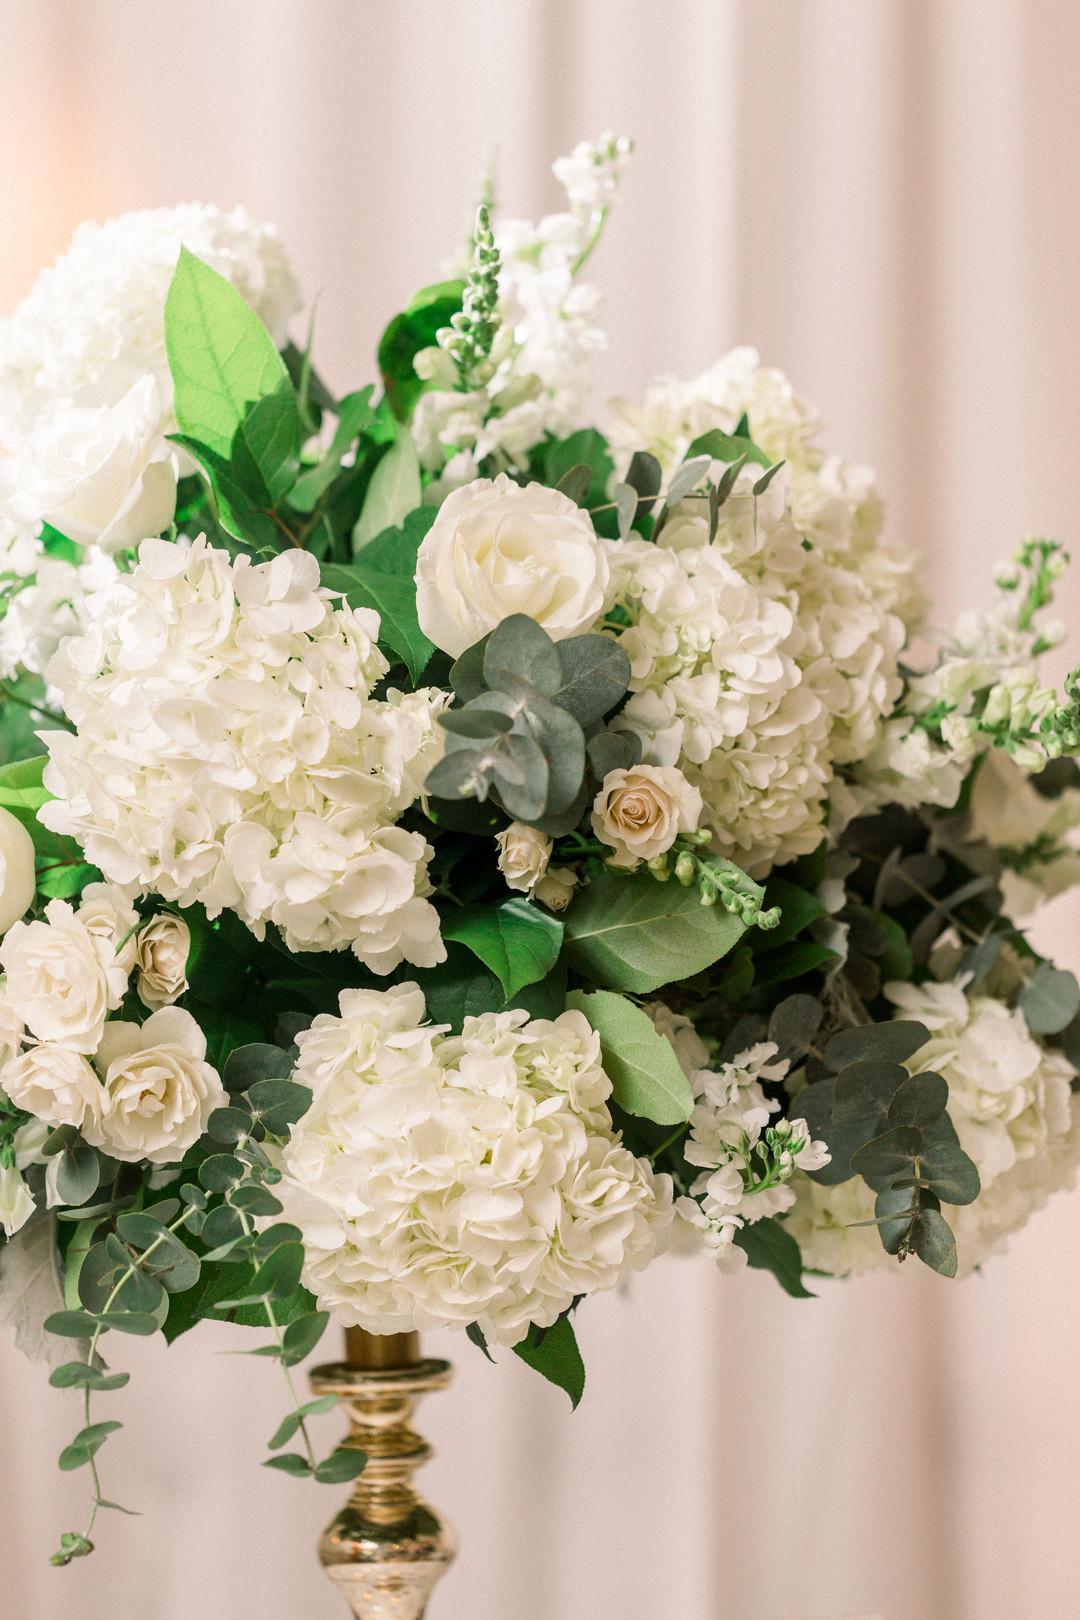 waterfront-wedding-flowers-by-lesfleurs (15).jpg